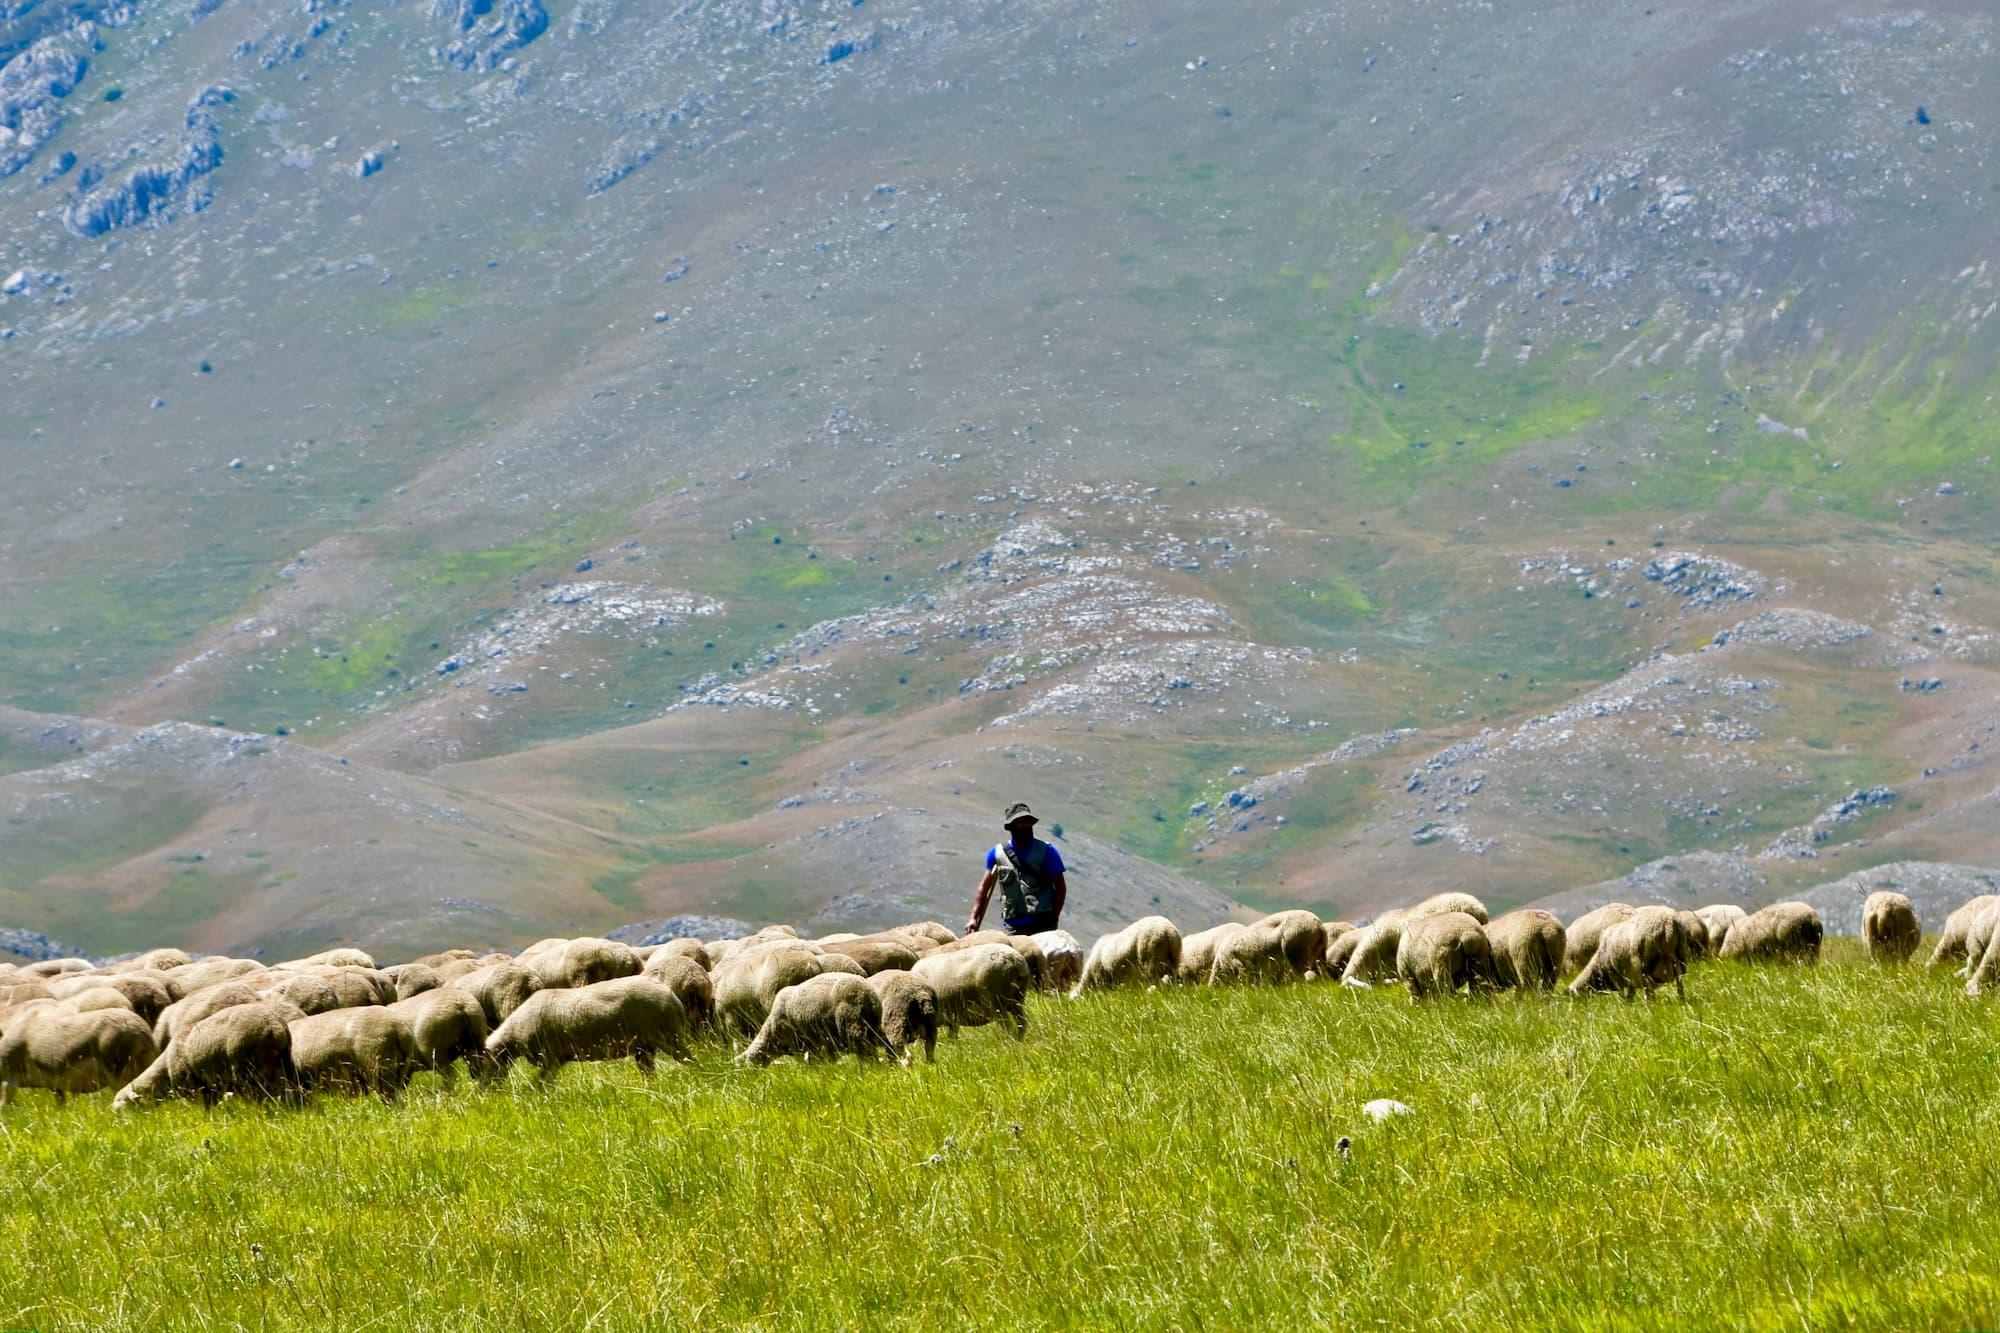 初夏に移牧した後、標高の高い山にみられる放牧風景(アブルッツォ州)